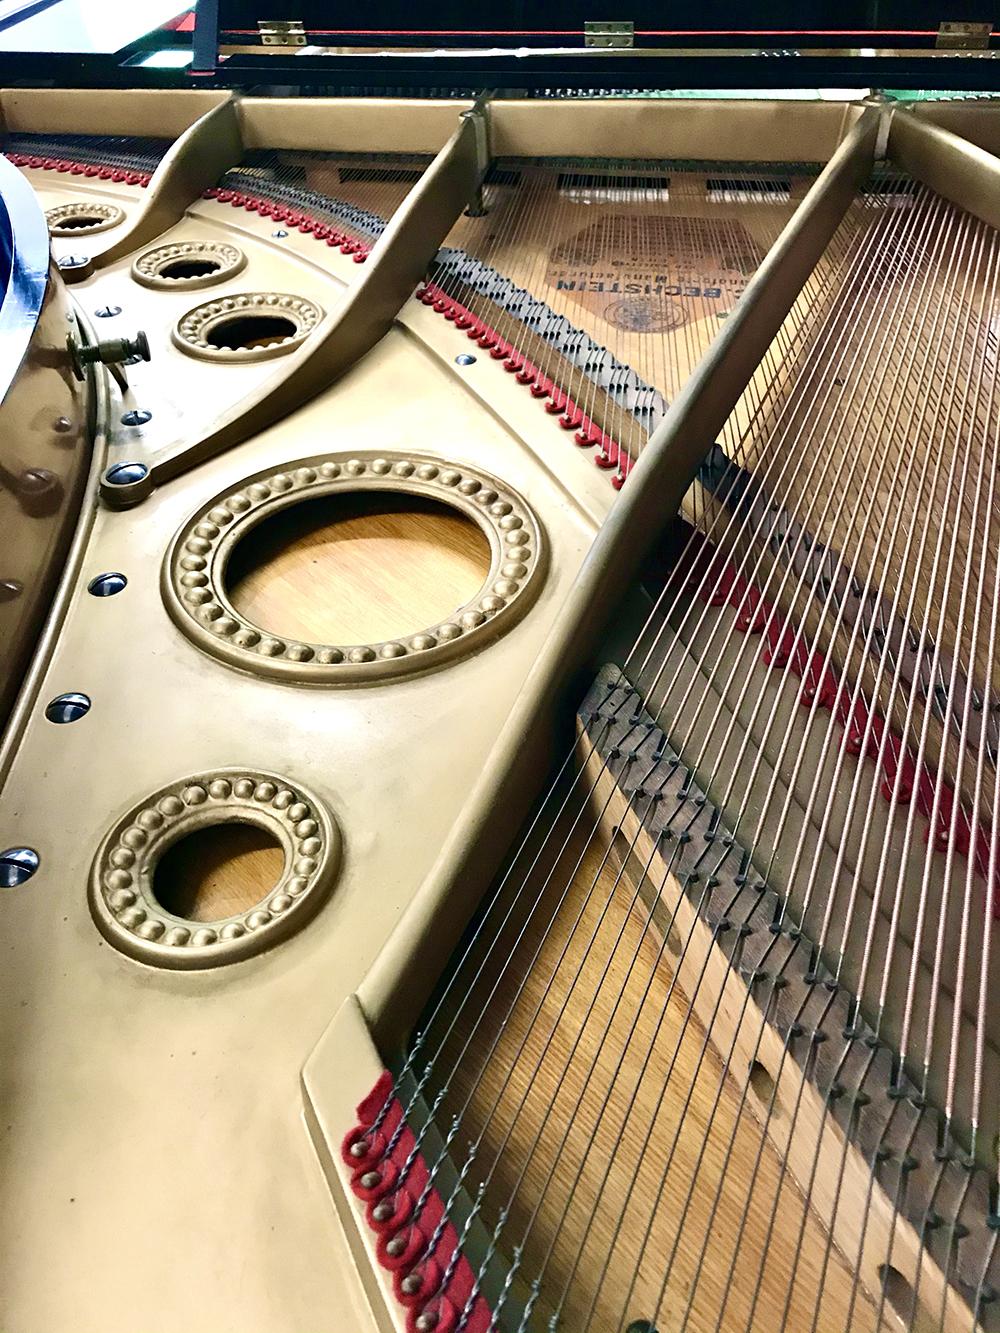 Bechstein-model-v-grand-Piano-Dorset-for-sale-3.jpg